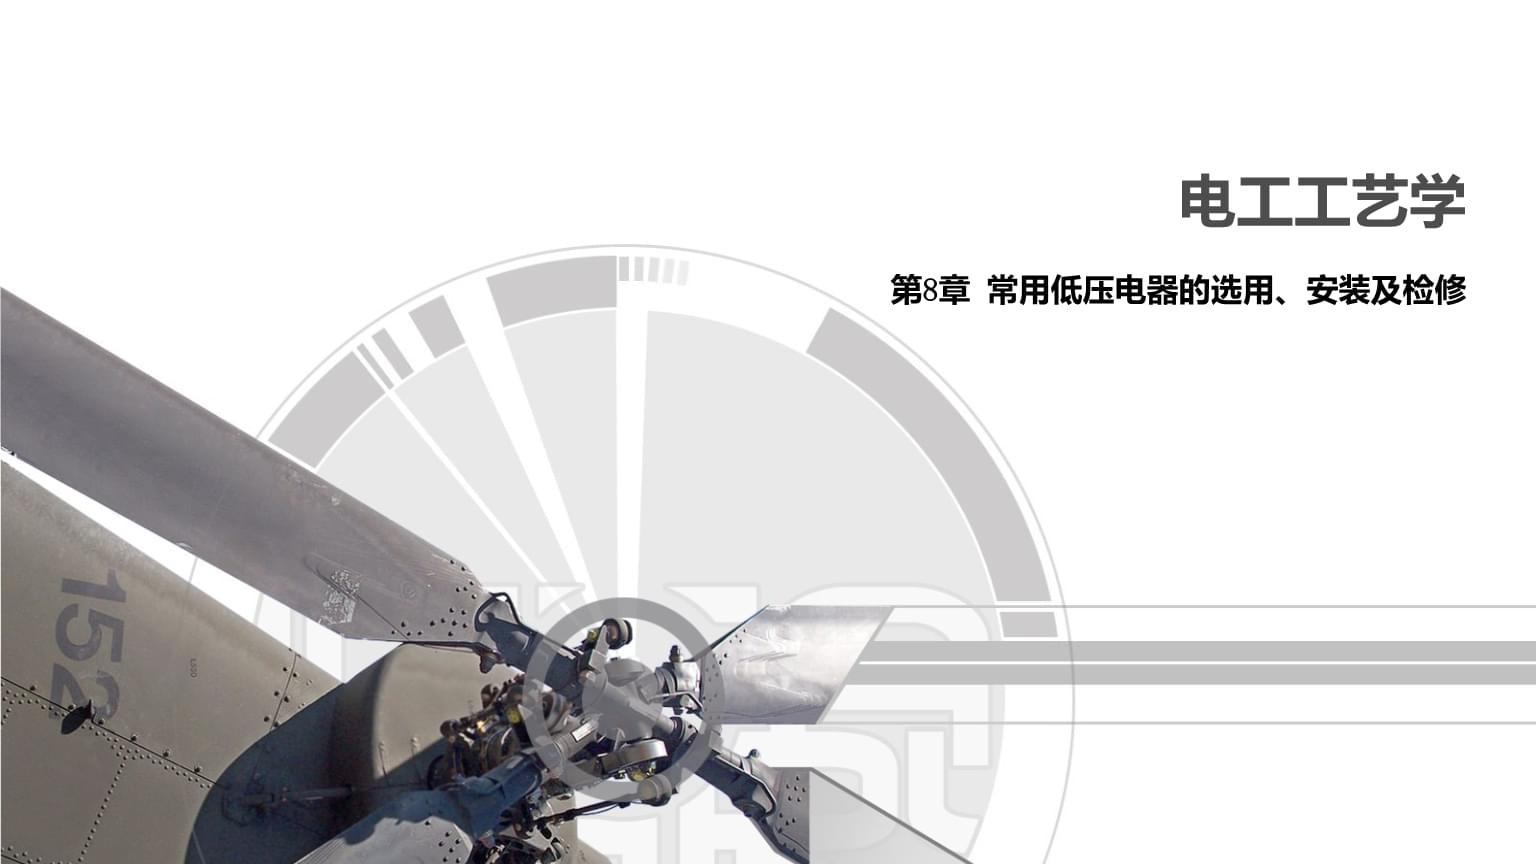 电工工艺-常用低压电器的选用、安装及检修.pptx